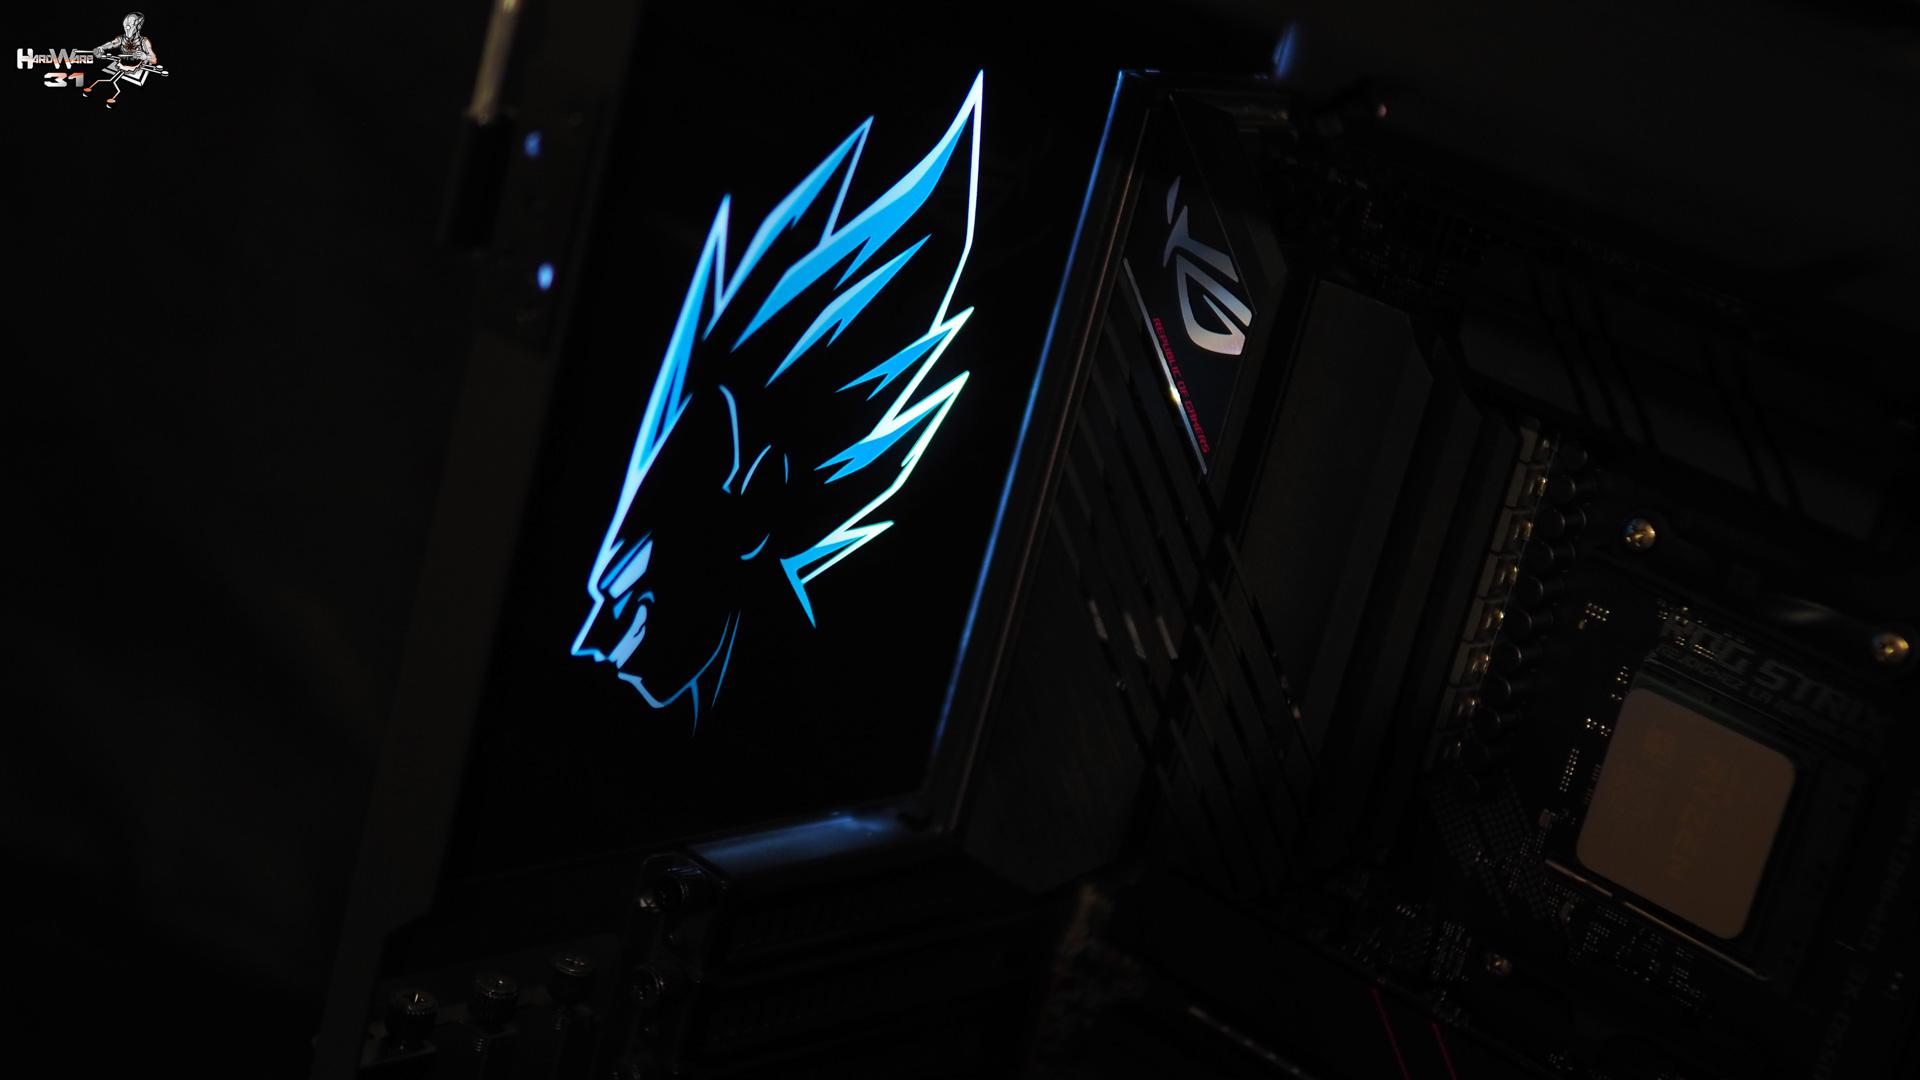 Réalisation de l'arrière intérieur du PC Végéta P600S Final Flash